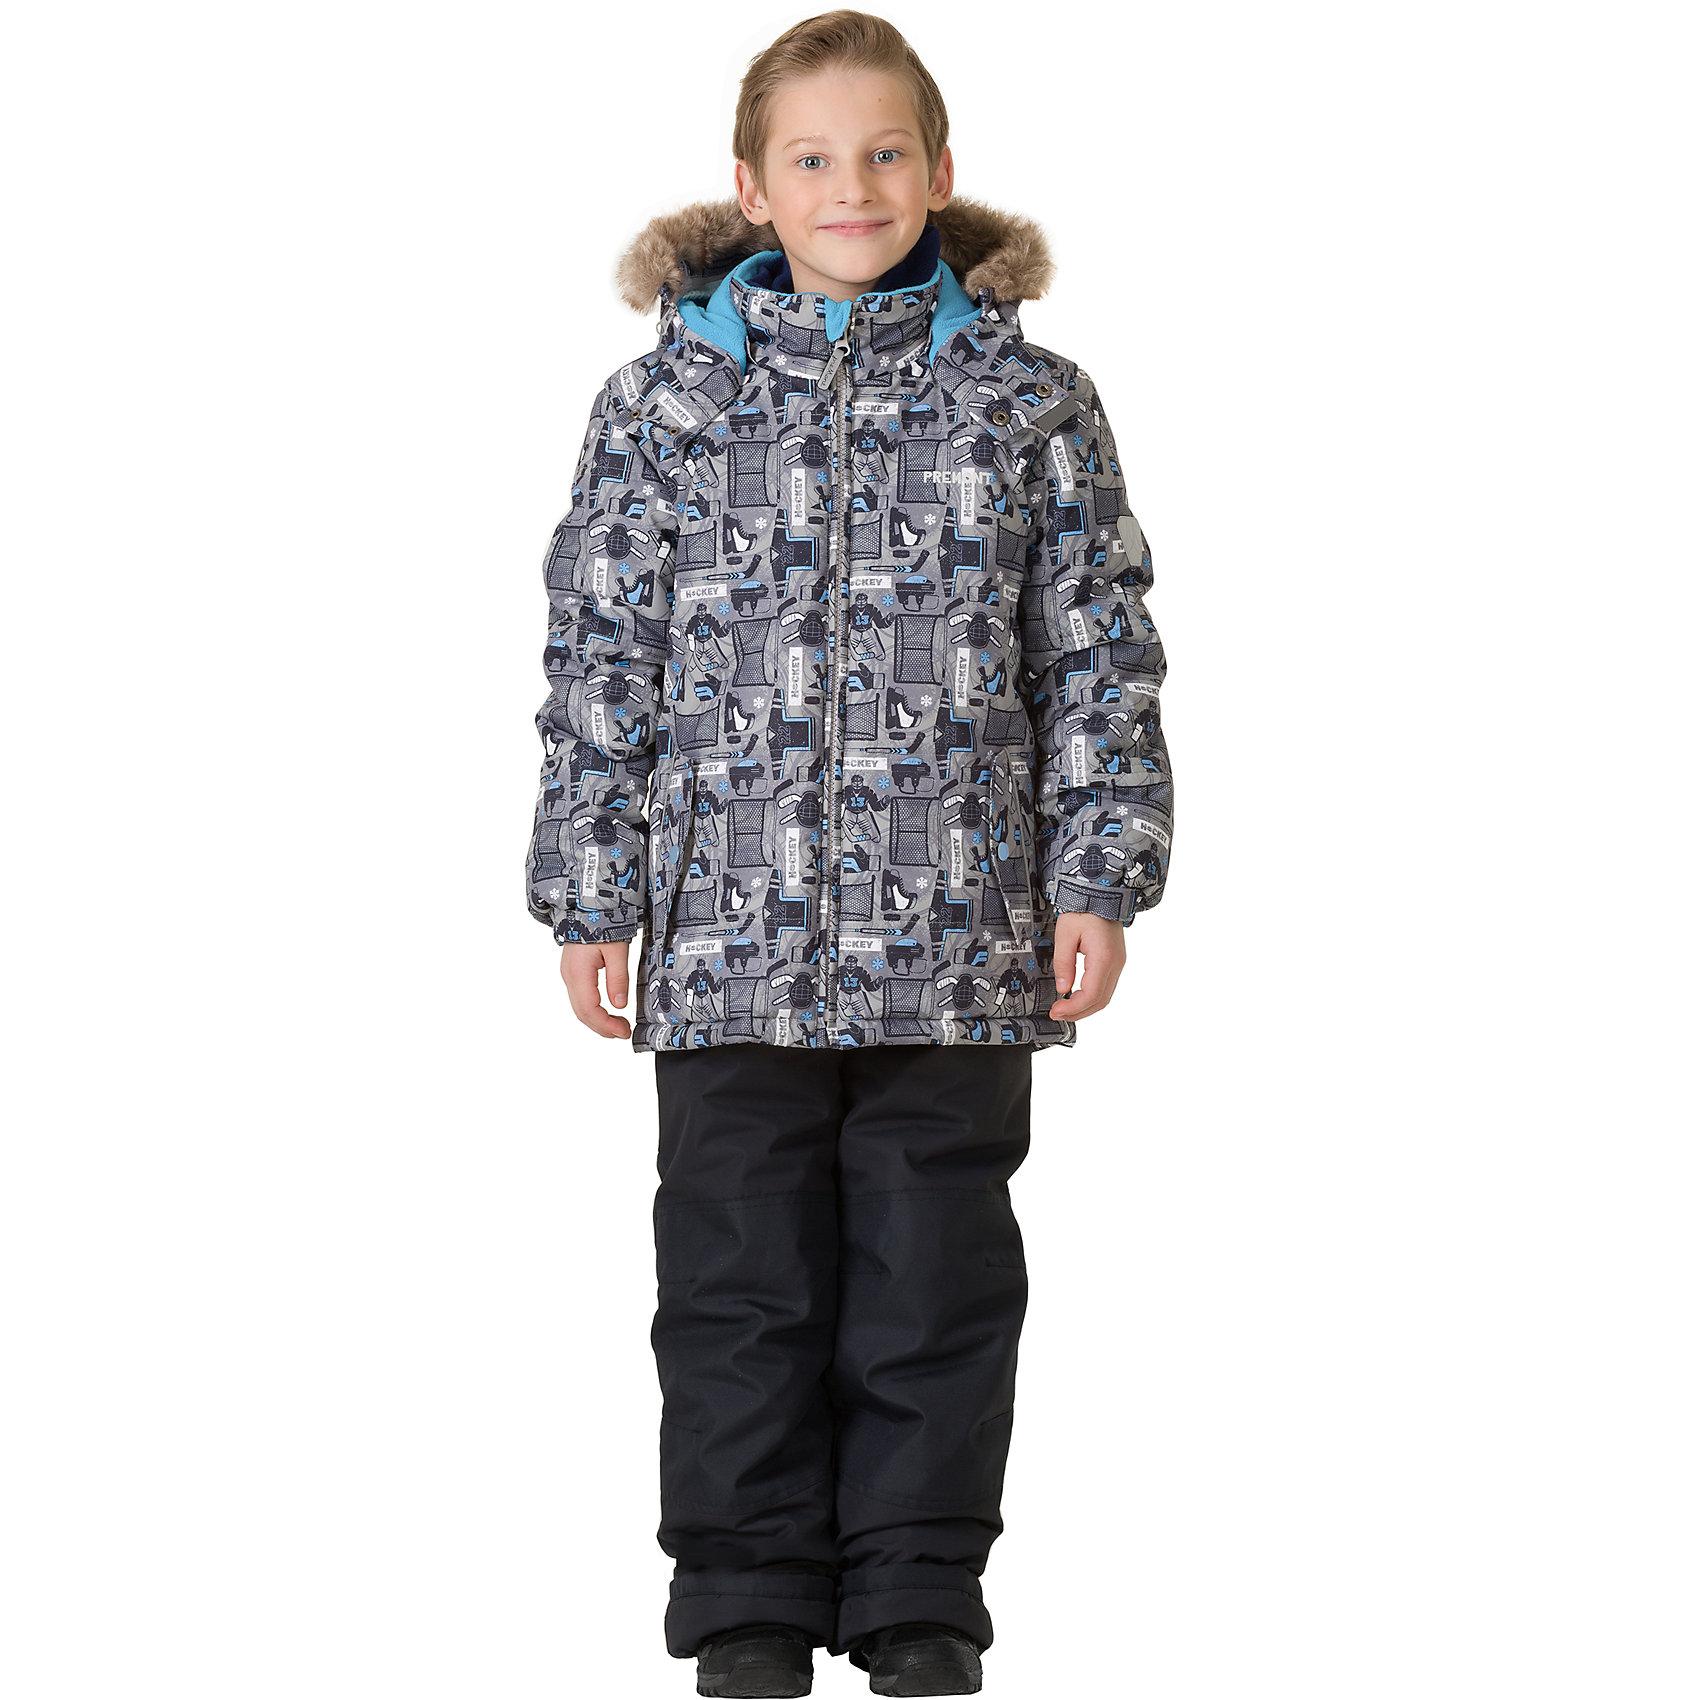 Комплект: куртка и брюки Premont для мальчикаВерхняя одежда<br>Характеристики товара:<br><br>• цвет: серый<br>• комплектация: куртка и брюки<br>• состав ткани: Taslan<br>• подкладка: Polar fleece, Taffeta<br>• утеплитель: Tech-polyfill<br>• сезон: зима<br>• мембранное покрытие<br>• температурный режим: от -30 до +5<br>• водонепроницаемость: 5000 мм <br>• паропроницаемость: 5000 г/м2<br>• плотность утеплителя: куртка - 280 г/м2, брюки - 180 г/м2<br>• капюшон: съемный<br>• искусственный мех на капюшоне отстегивается<br>• застежка: молния<br>• страна бренда: Канада<br>• страна изготовитель: Китай<br><br>Детский теплый комплект предусматривает множество деталей. Он дополнен эластичными манжетами, светоотражающими элементами, лямками, планкой от ветра и карманами на липучках. Такой мембранный комплект для ребенка состоит из куртки с капюшоном и брюк. Теплый зимний детский комплект сделан с применением мембранной технологии.<br><br>Комплект: куртка и брюки для мальчика Premont (Премонт) можно купить в нашем интернет-магазине.<br><br>Ширина мм: 356<br>Глубина мм: 10<br>Высота мм: 245<br>Вес г: 519<br>Цвет: серый<br>Возраст от месяцев: 156<br>Возраст до месяцев: 168<br>Пол: Мужской<br>Возраст: Детский<br>Размер: 164,122,100,104,110,116,120,128,140,152<br>SKU: 7088386